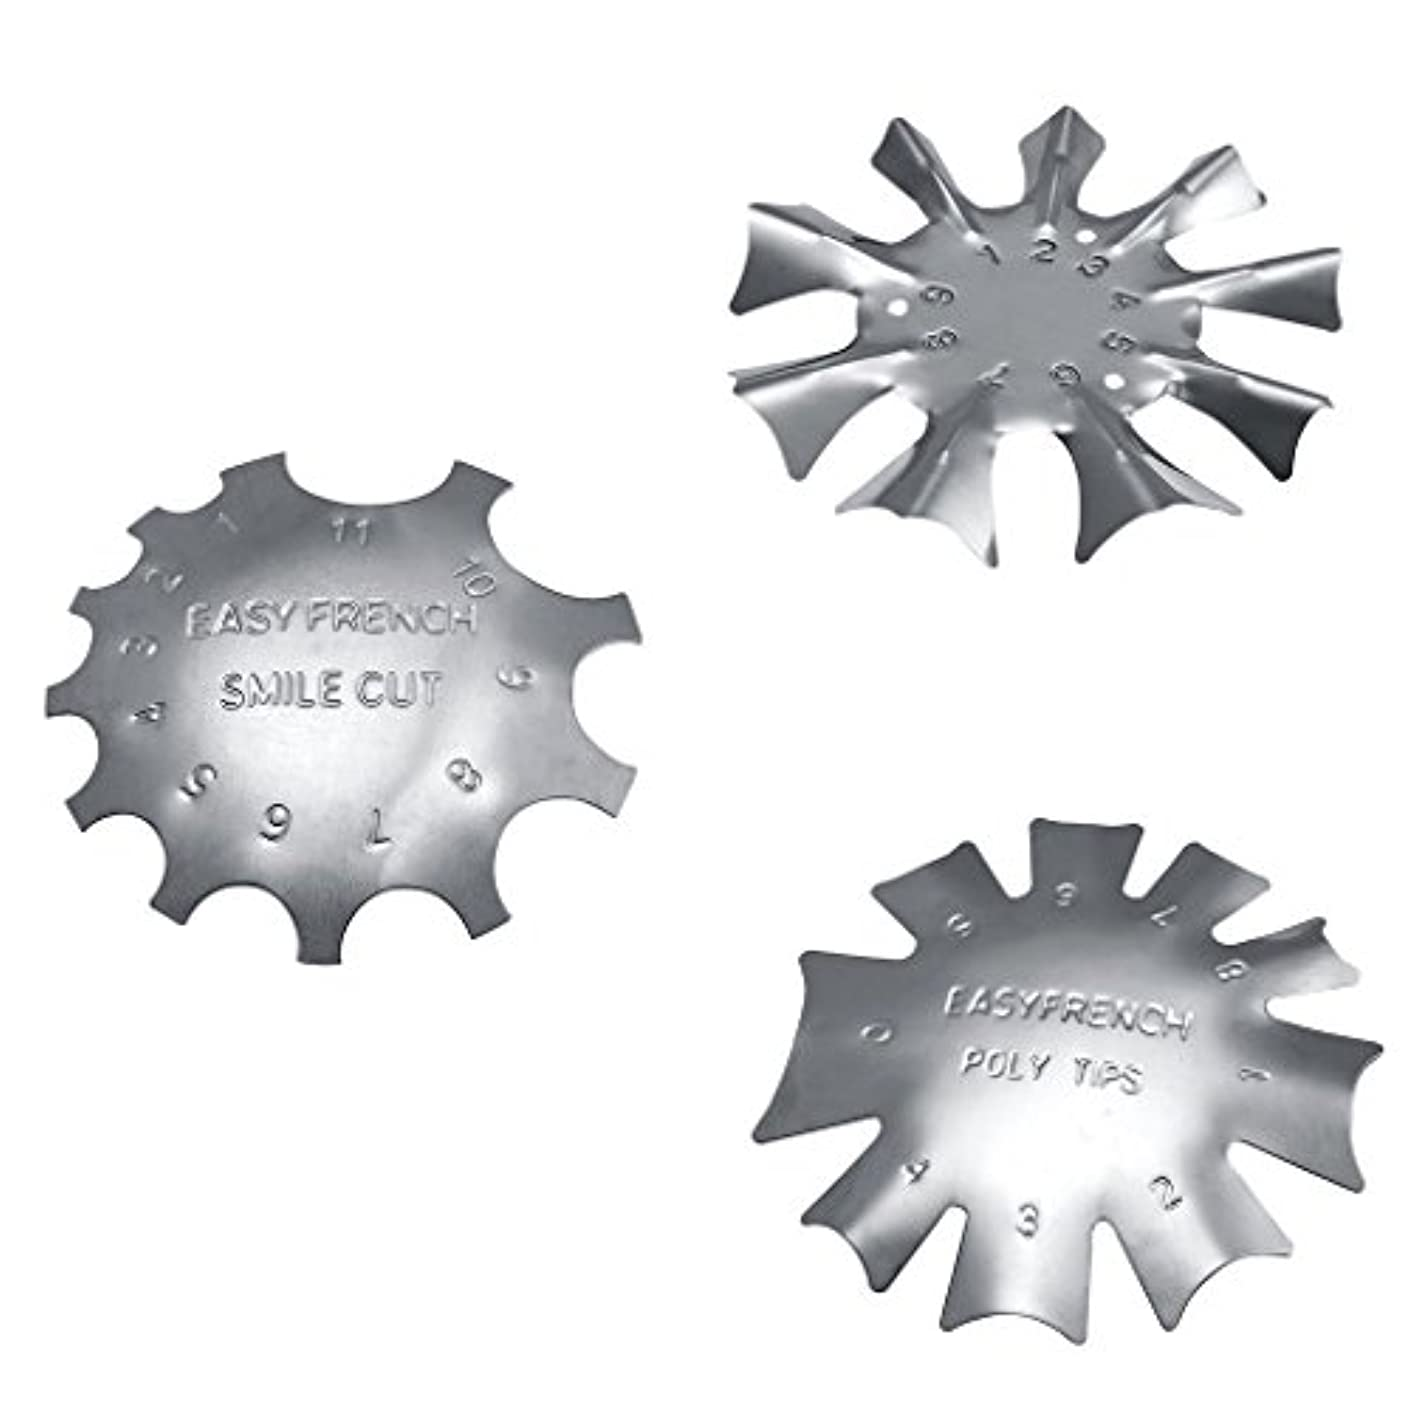 商人居心地の良い発行するネイルアートに適したステンレス鋼フレンチネイルトリマートリマーネイルテンプレート3枚